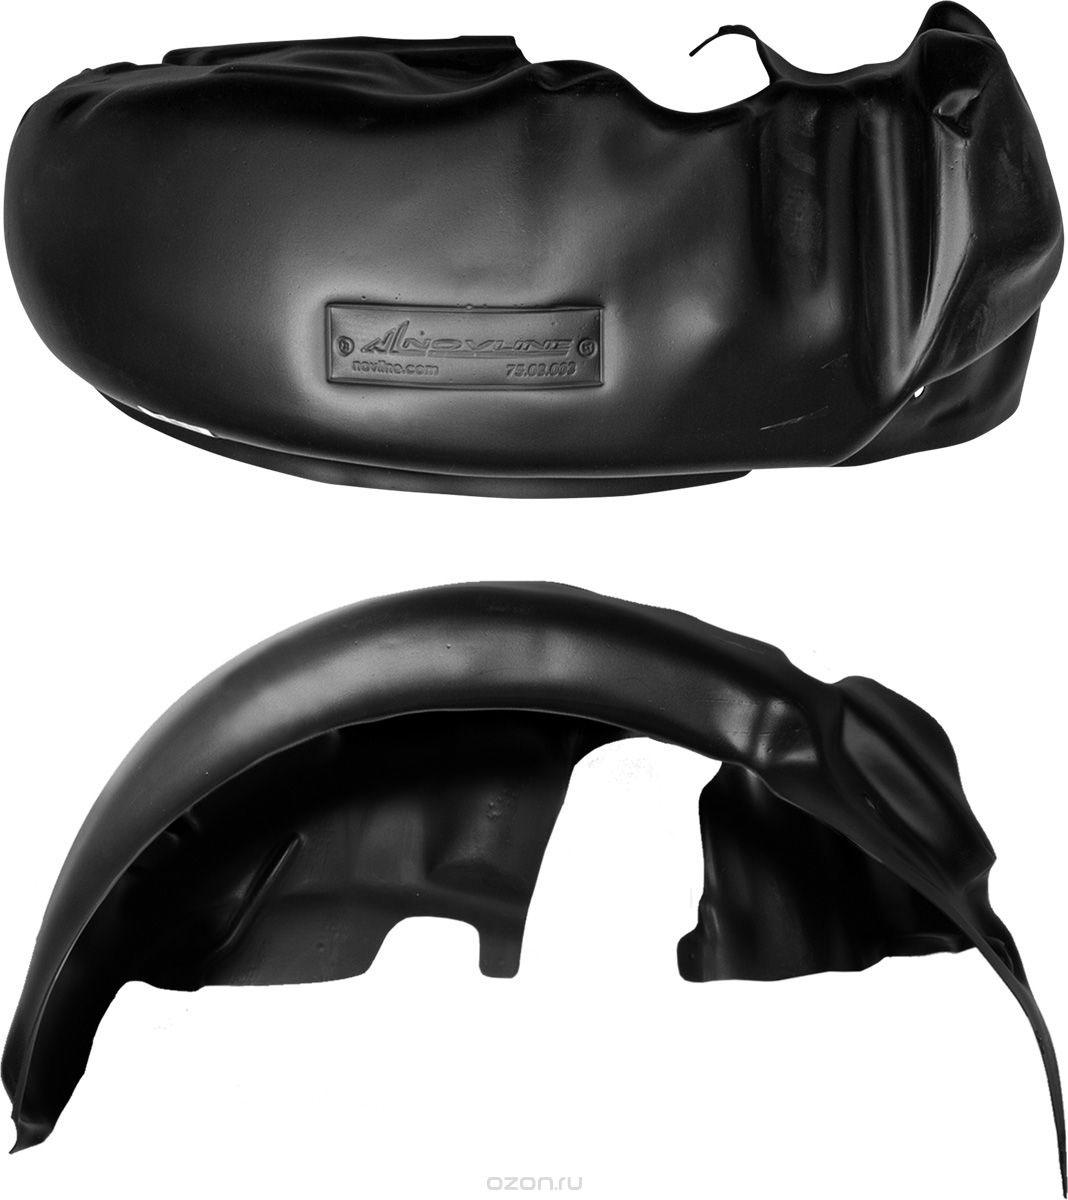 Подкрылок Novline-Autofamily, для NISSAN Juke 4WD, 2010-2014, 2014->, задний левыйDW90Идеальная защита колесной ниши. Локеры разработаны с применением цифровых технологий, гарантируют максимальную повторяемость поверхности арки. Изделия устанавливаются без нарушения лакокрасочного покрытия автомобиля, каждый подкрылок комплектуется крепежом. Уважаемые клиенты, обращаем ваше внимание, что фотографии на подкрылки универсальные и не отражают реальную форму изделия. При этом само изделие идет точно под размер указанного автомобиля.